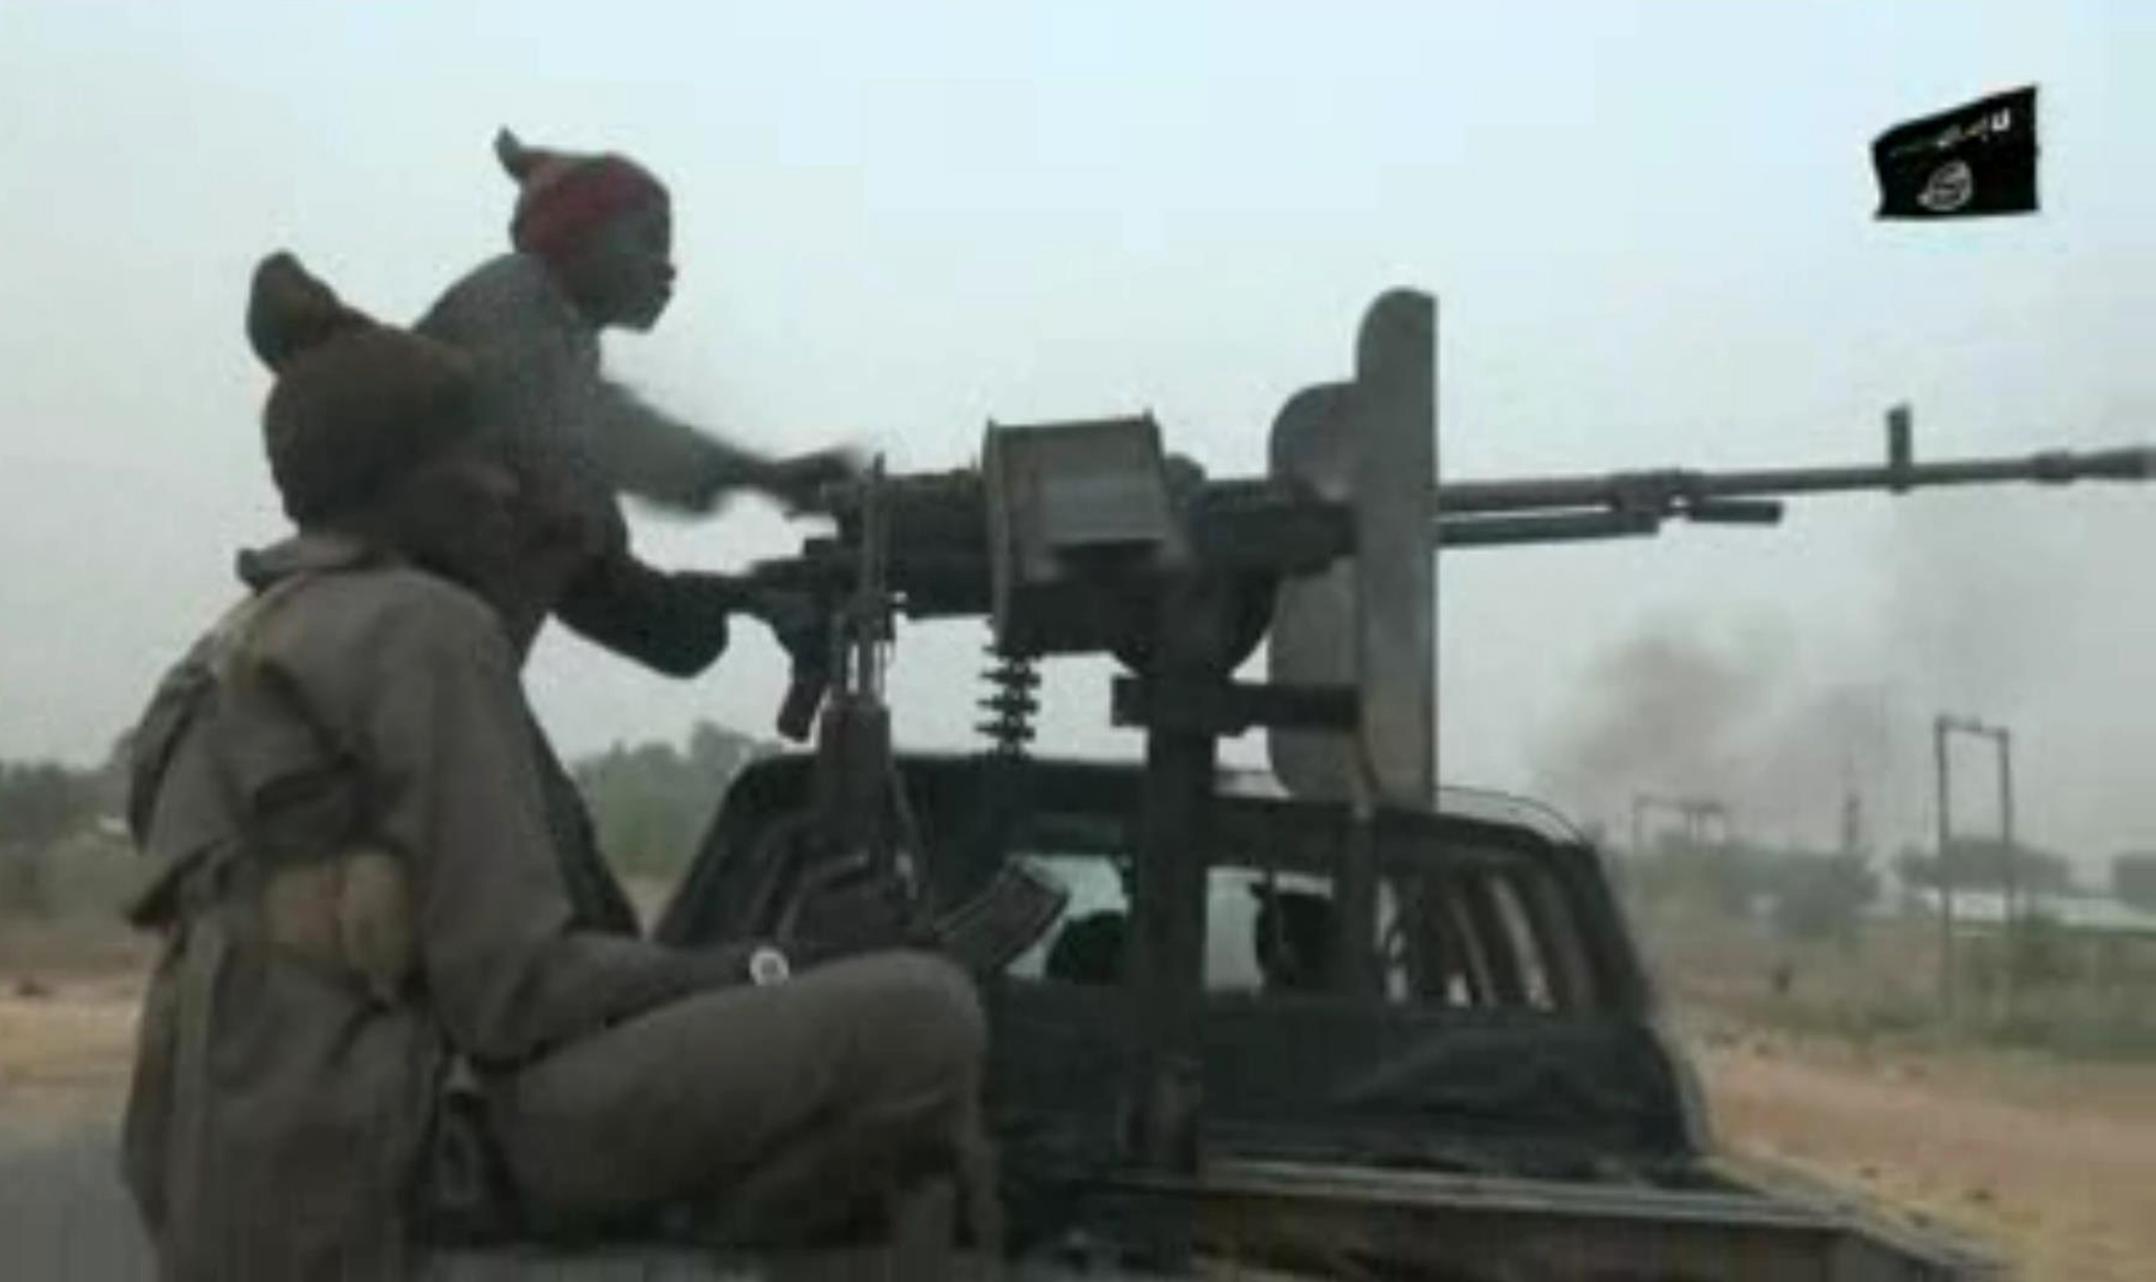 Valószínűleg dzsihadisták lőttek rá az ENSZ egyik segélyszállító helikopterére Nigériában